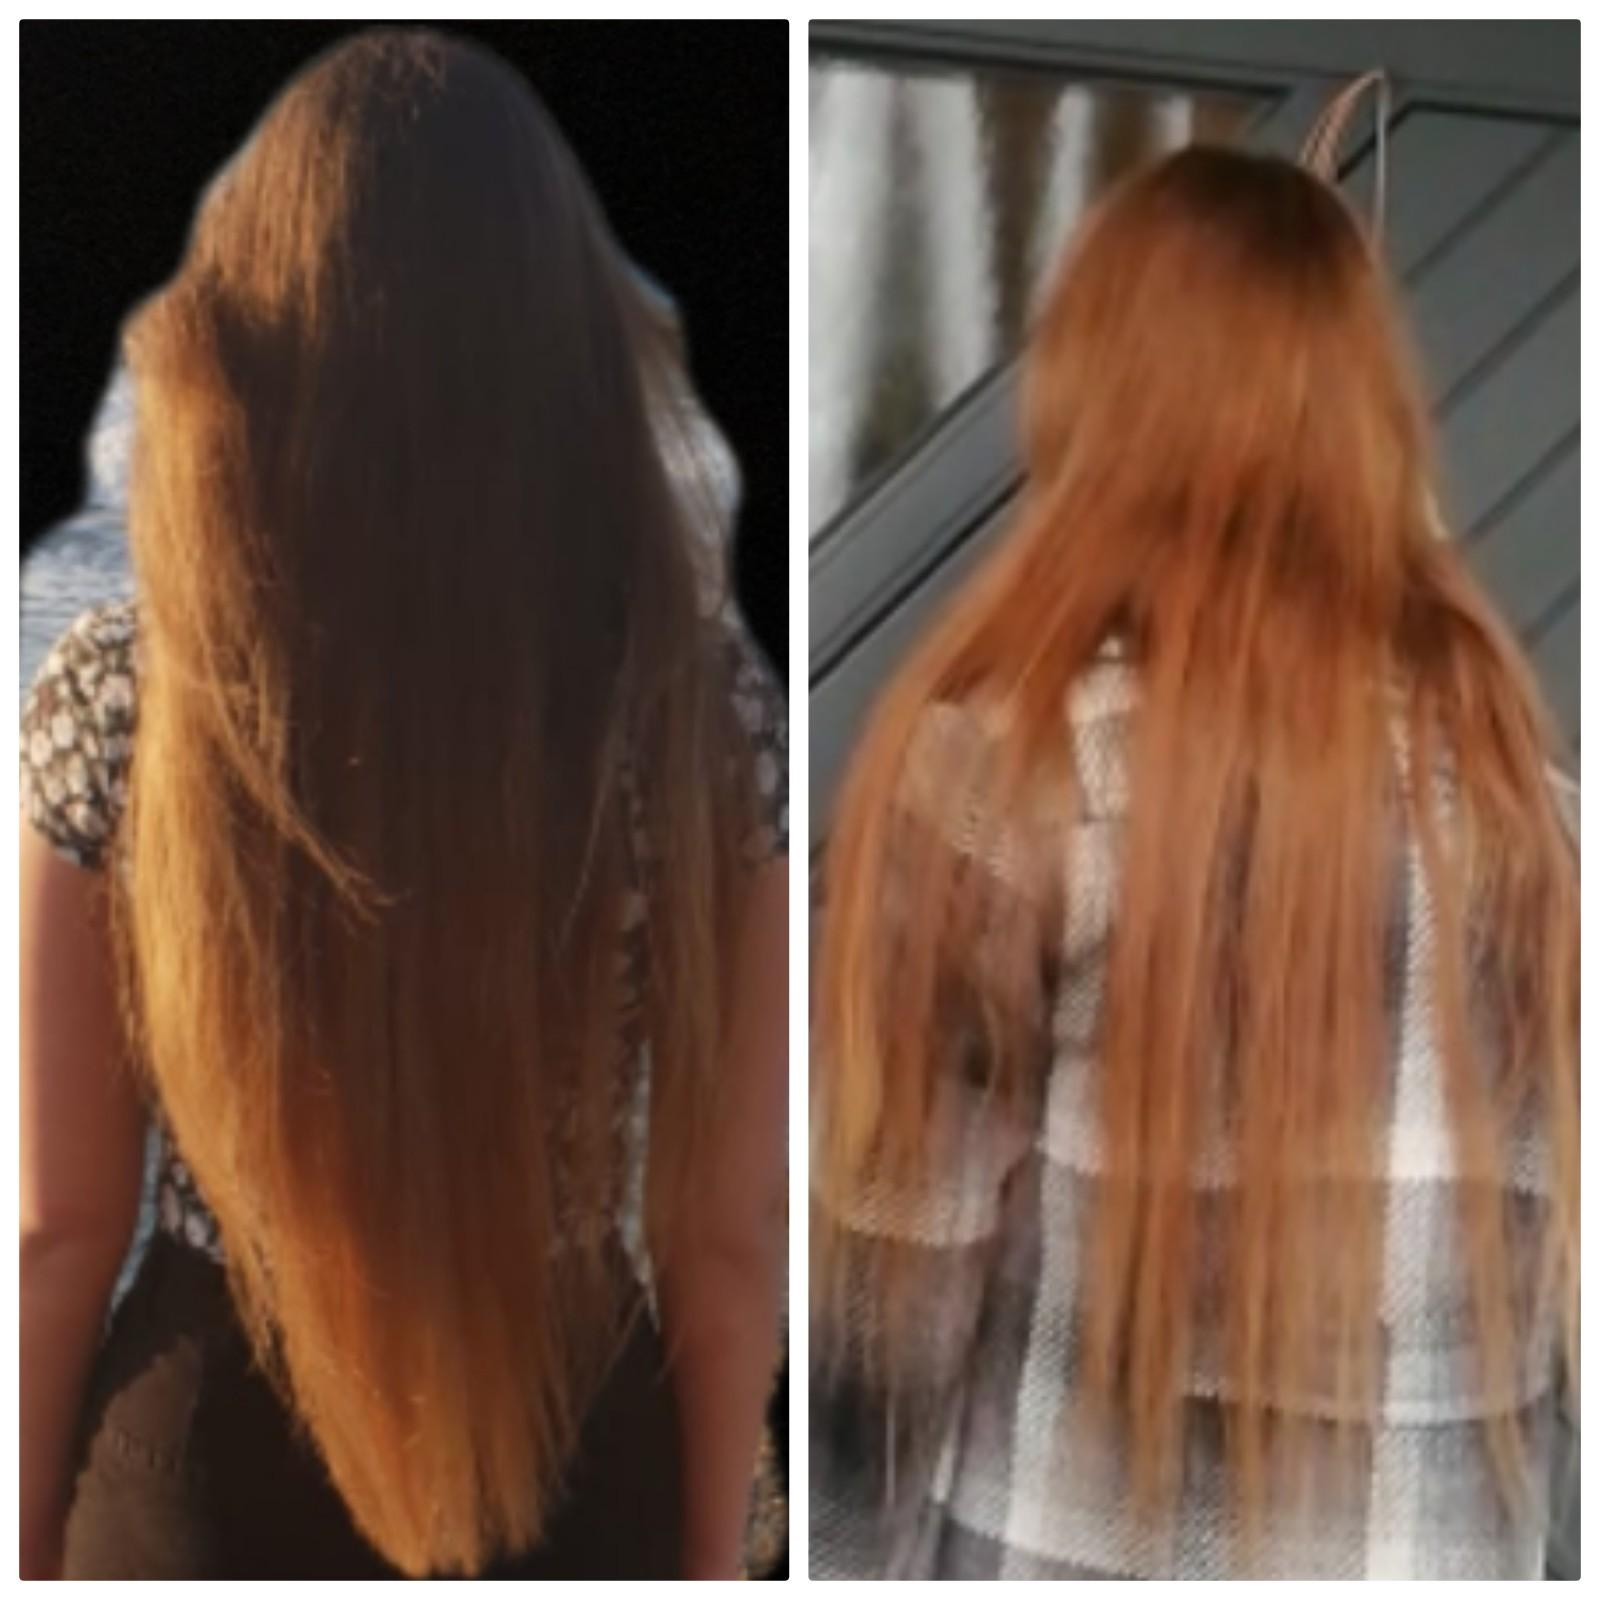 Hilfe Haare extrem dünn geworden was tun? (Gesundheit und